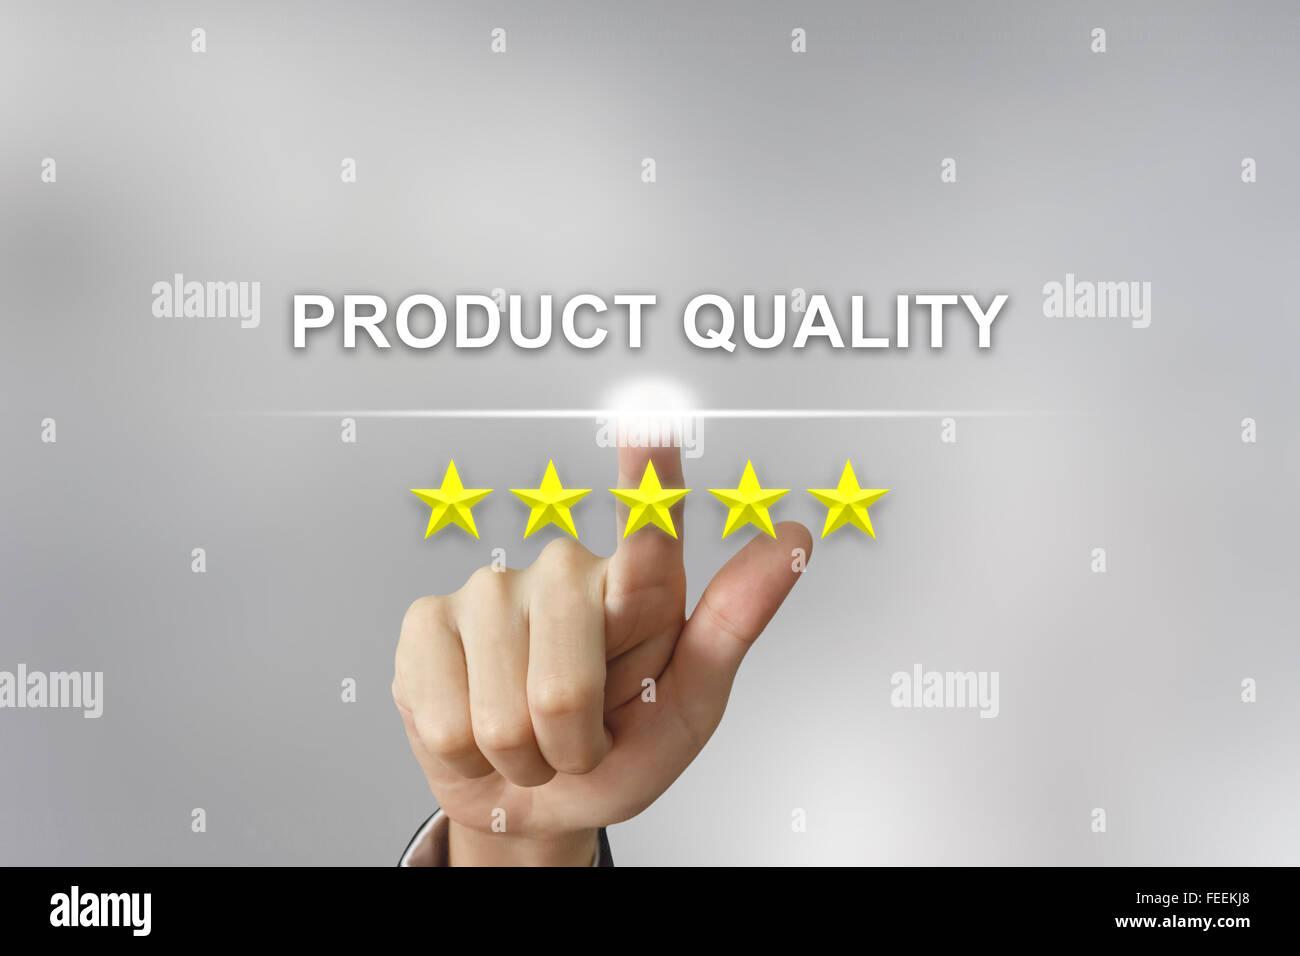 Unternehmen der Hand Produktqualität mit fünf Sternen im Bildschirm klicken Stockbild